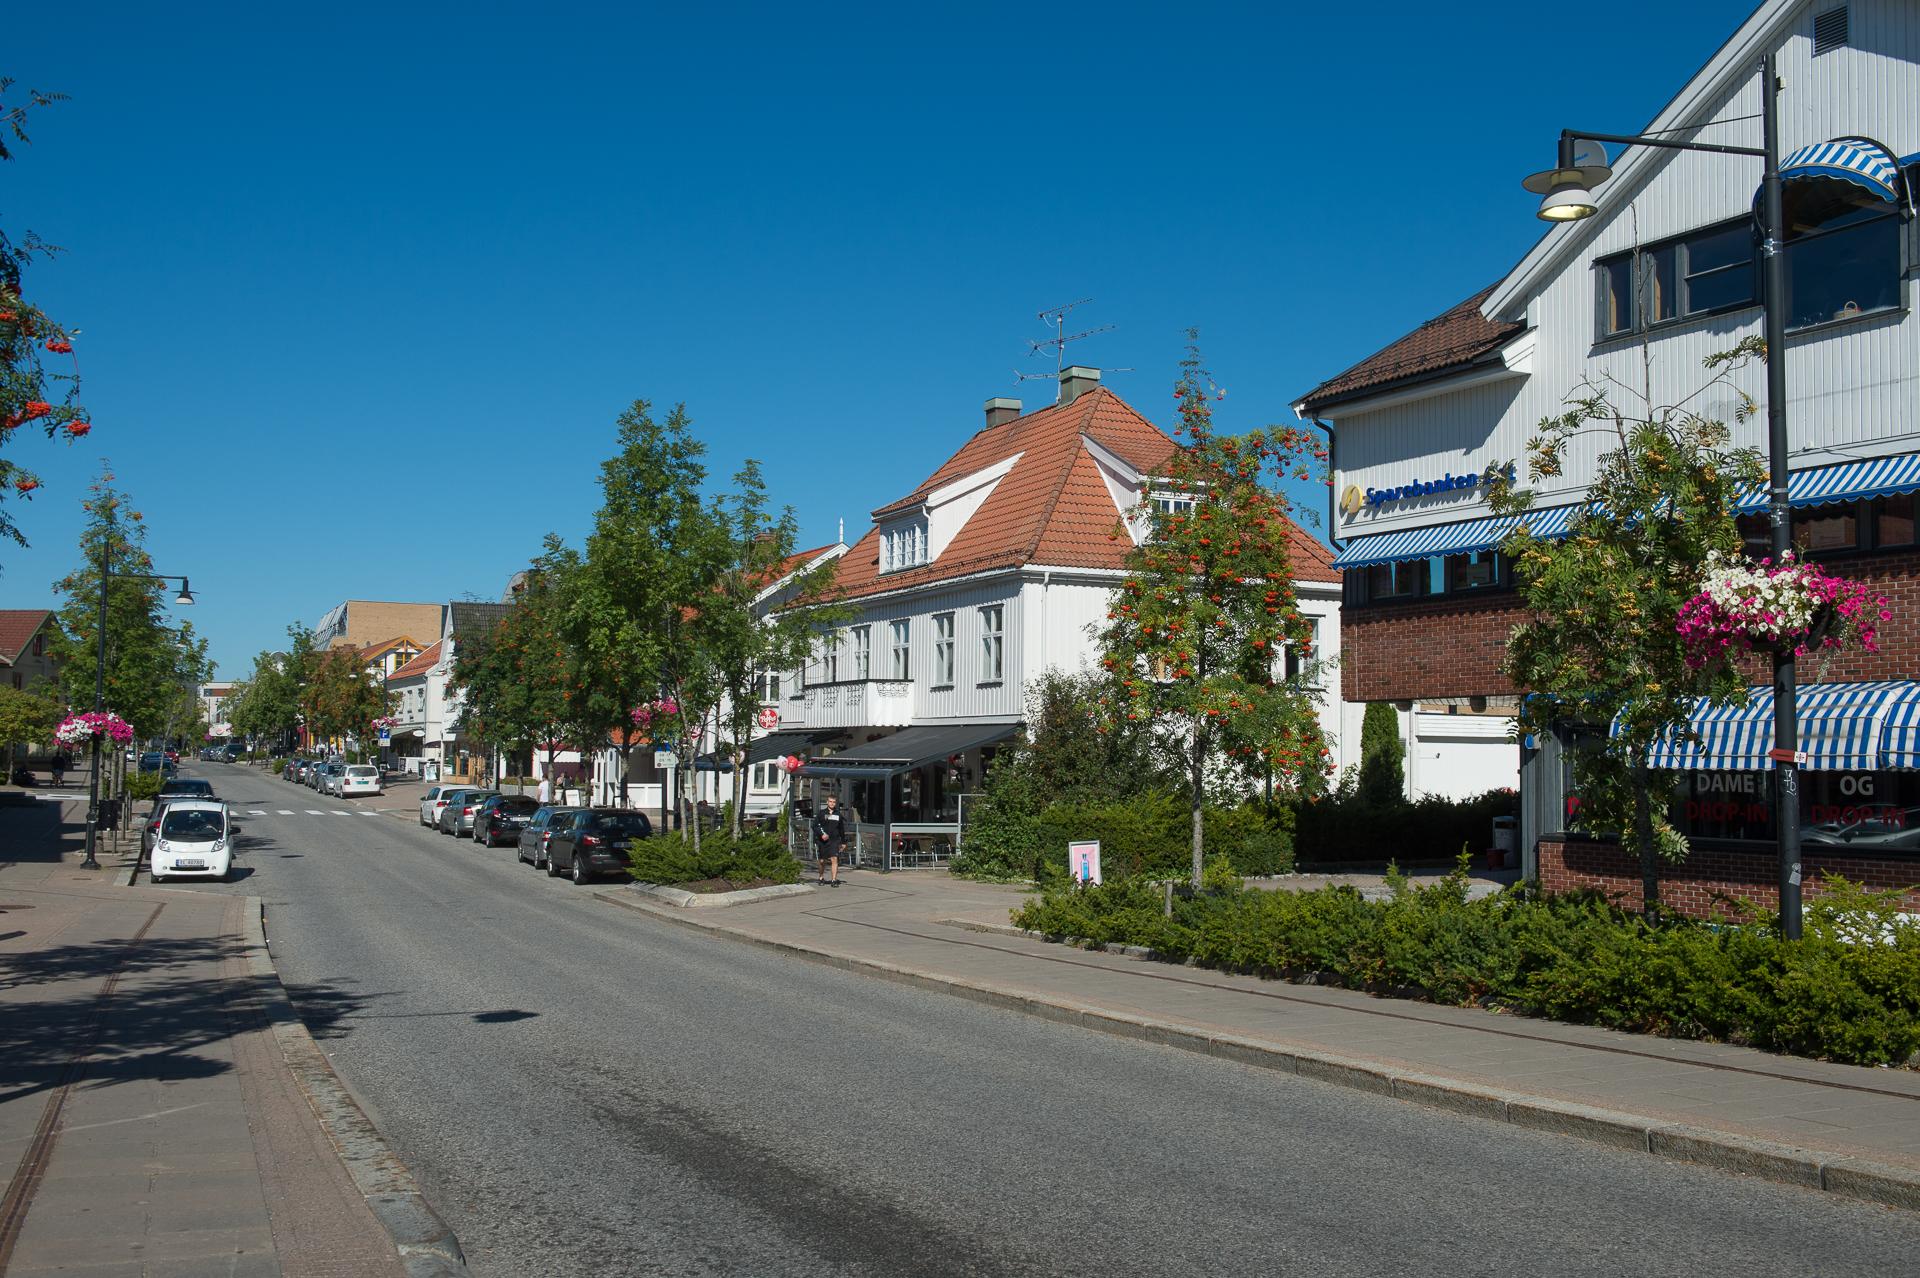 Jessheim